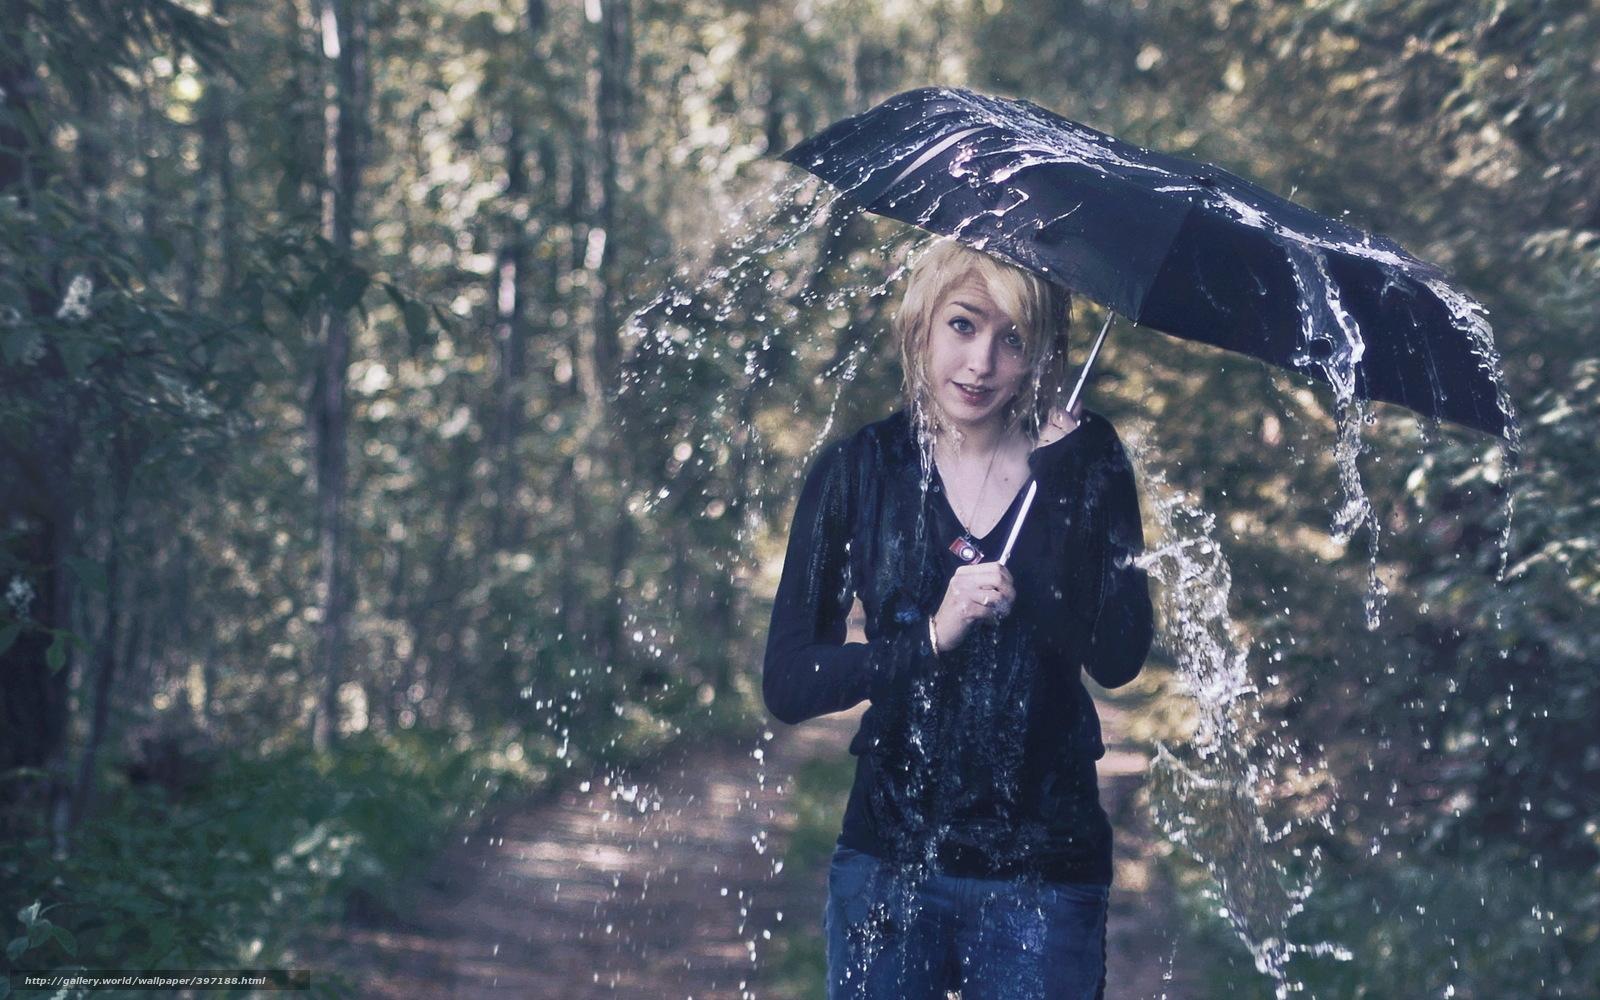 下载壁纸 女孩,  伞,  雨,  情况 免费为您的桌面分辨率的壁纸 2560x1600 — 图片 №397188